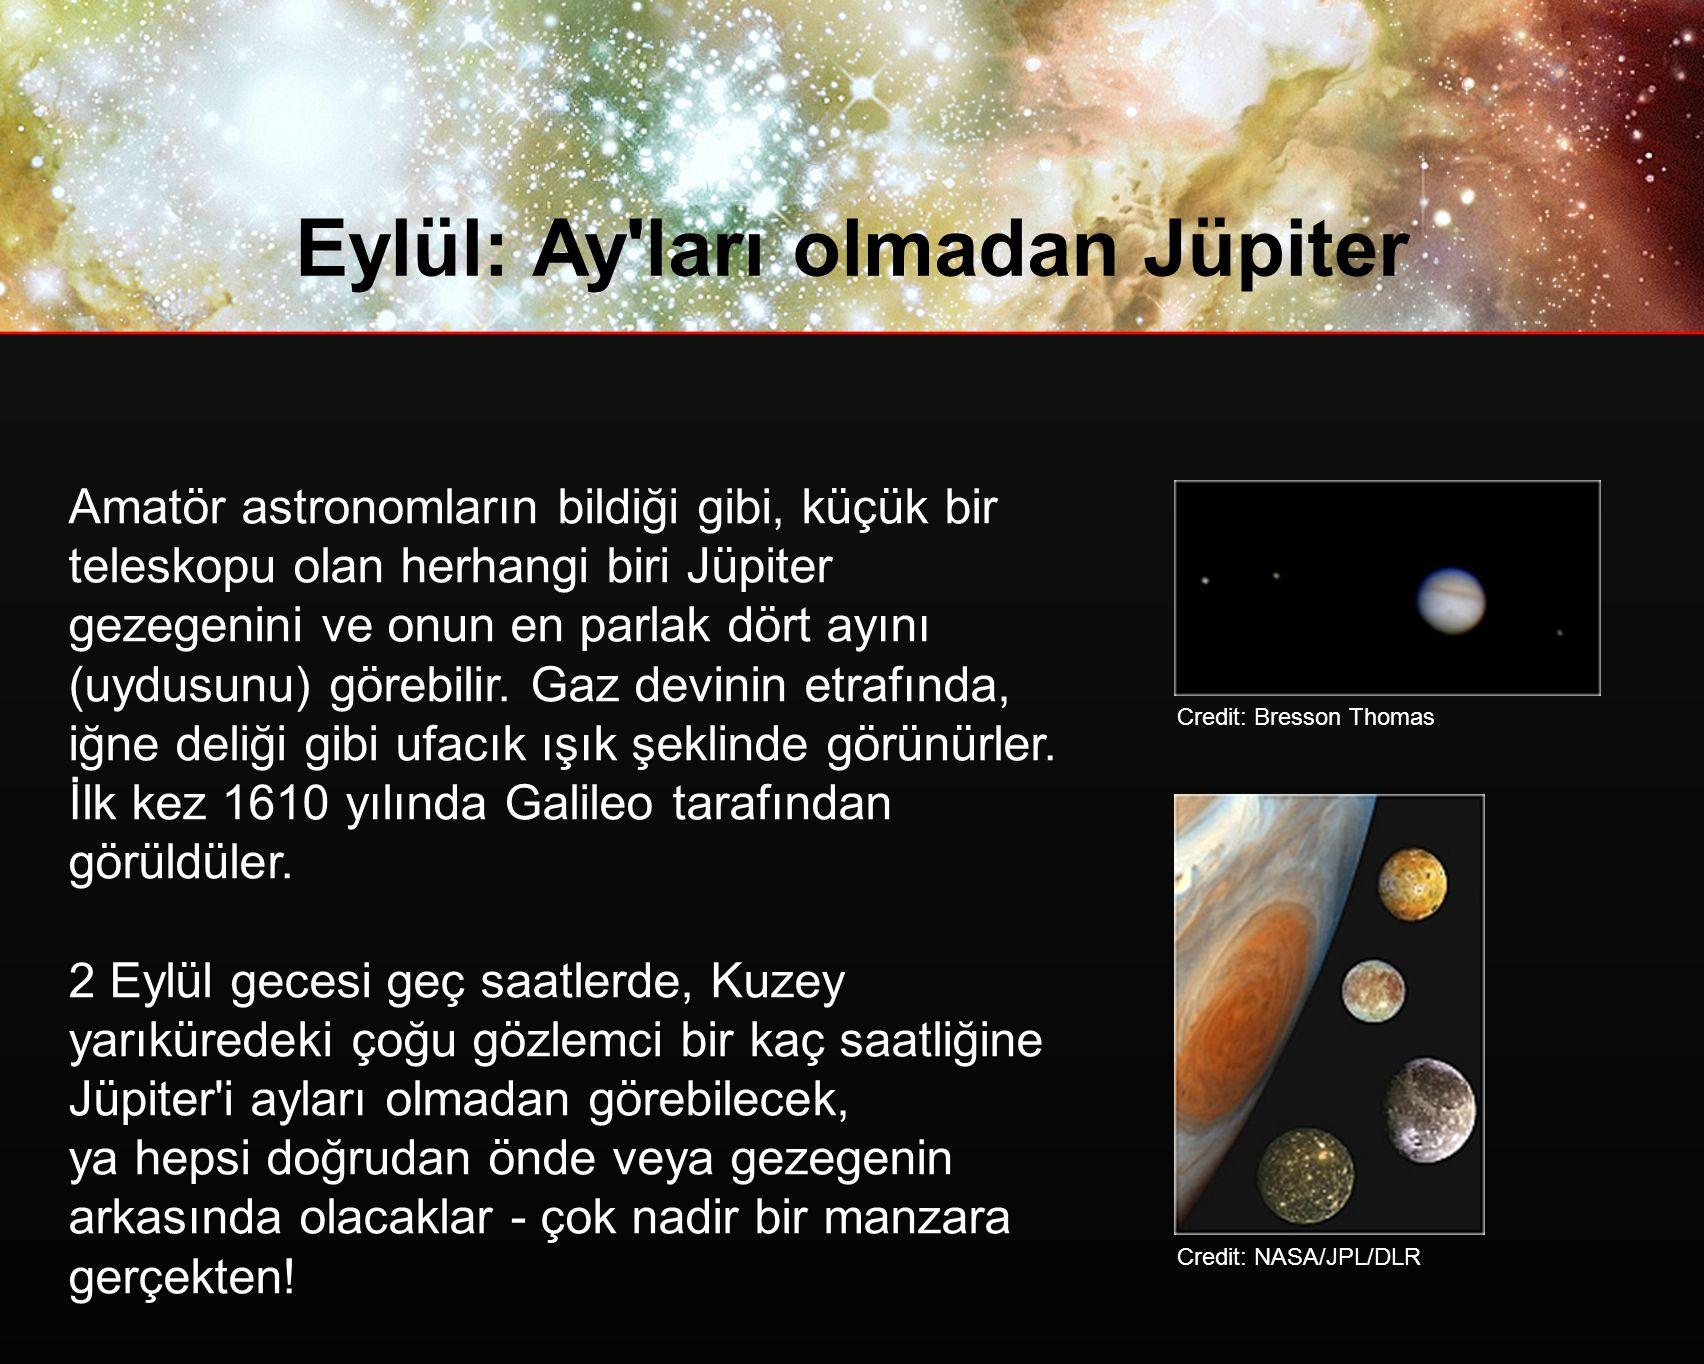 Eylül: Ay ları olmadan Jüpiter Amatör astronomların bildiği gibi, küçük bir teleskopu olan herhangi biri Jüpiter gezegenini ve onun en parlak dört ayını (uydusunu) görebilir.